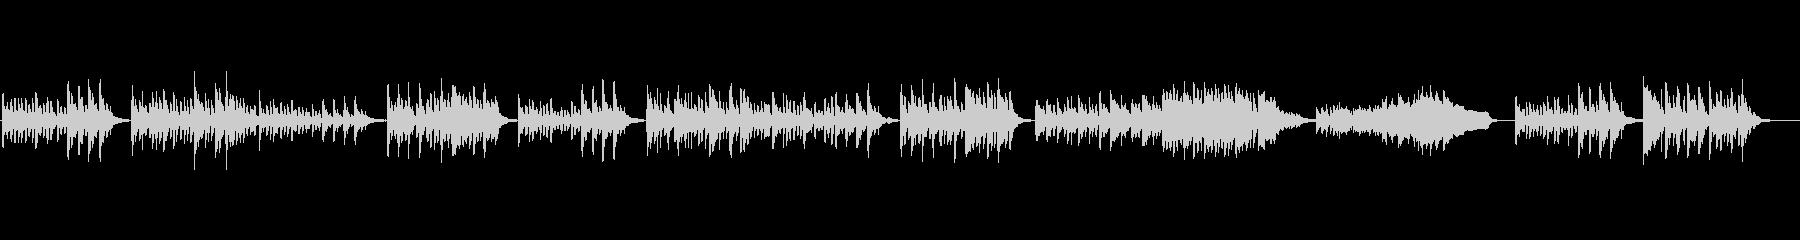 ピアノソロ、チェルニー No.57の未再生の波形